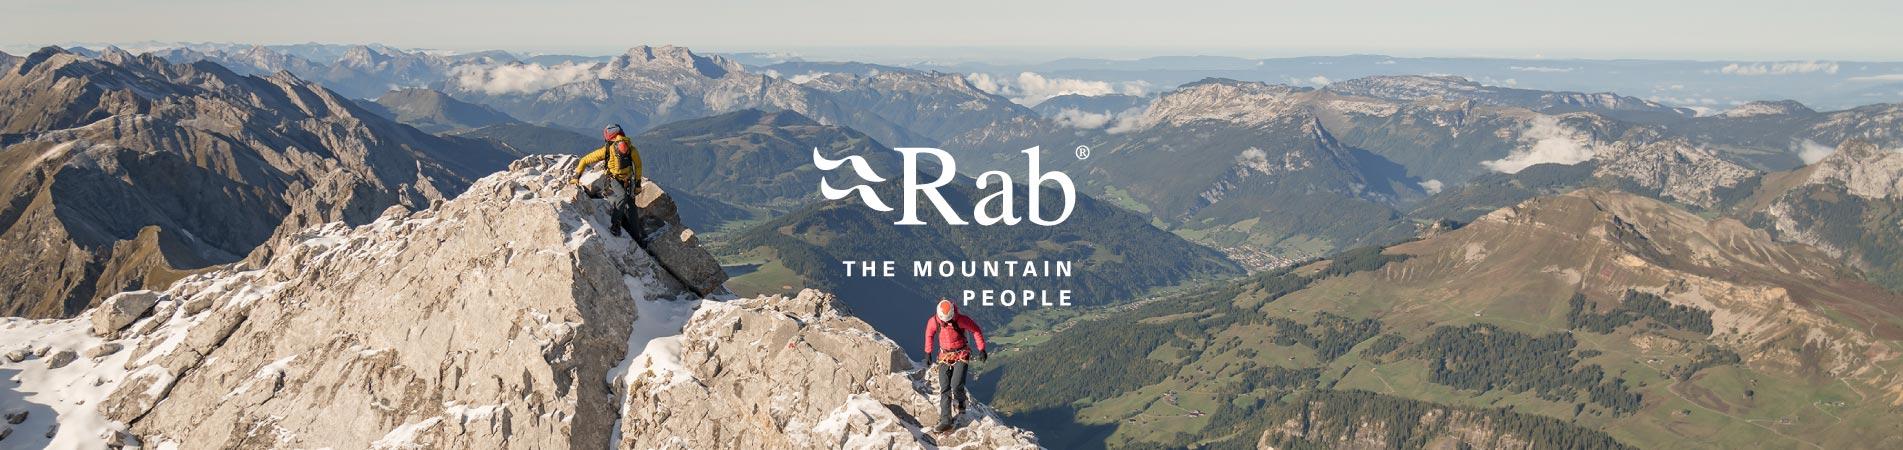 rab-v1r2.jpg